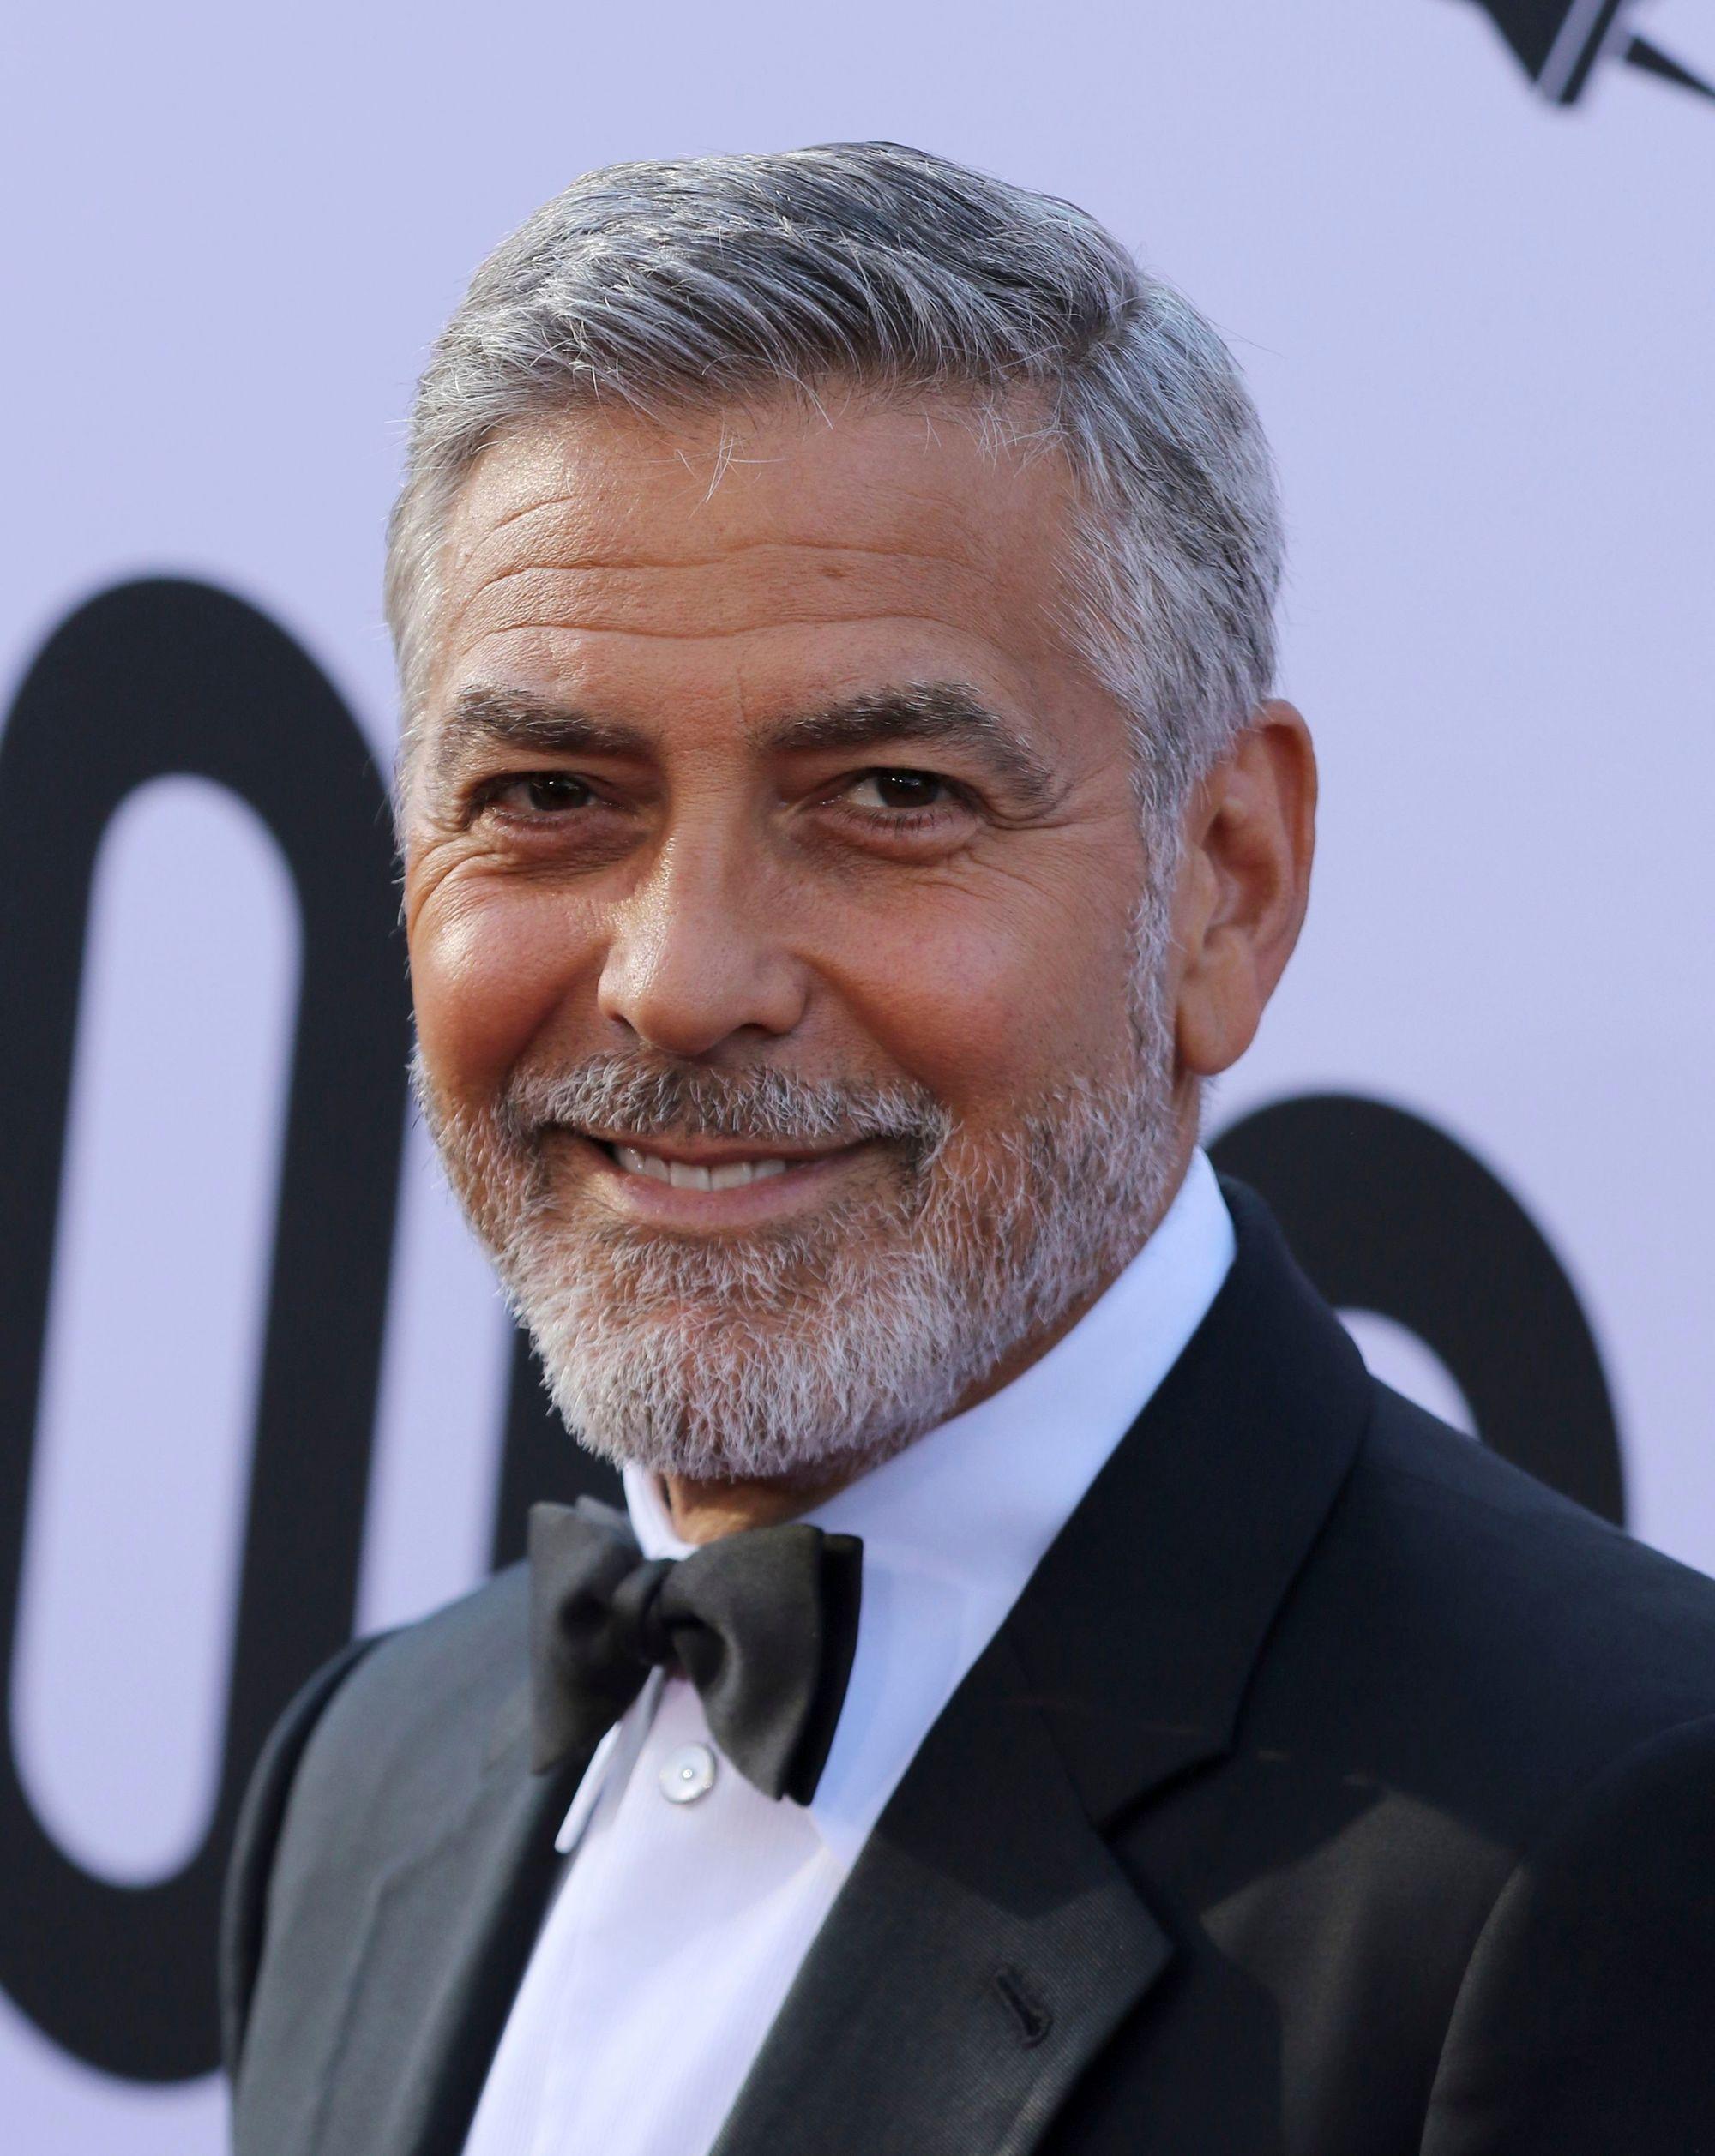 Coiffures pour hommes de plus de 50 ans : George Clooney avec un peigne court et effilé et une barbe grise, portant un costume élégant.